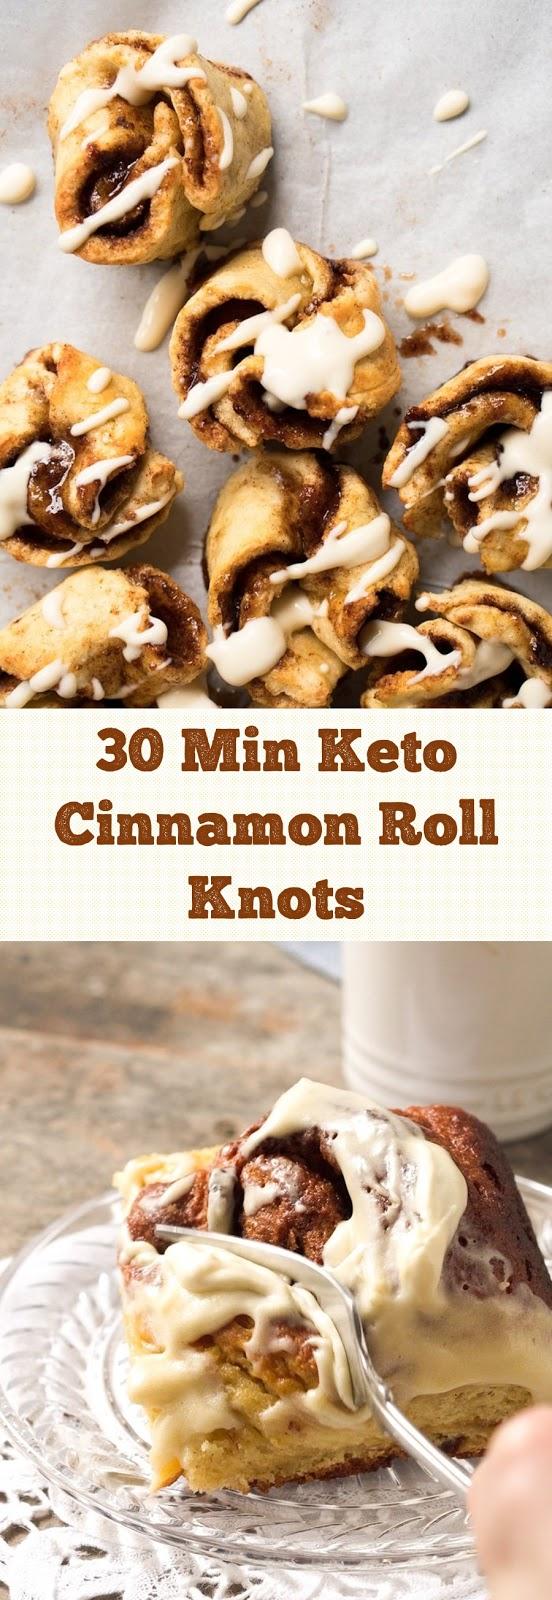 30 Min Keto Cinnamon Roll Knots